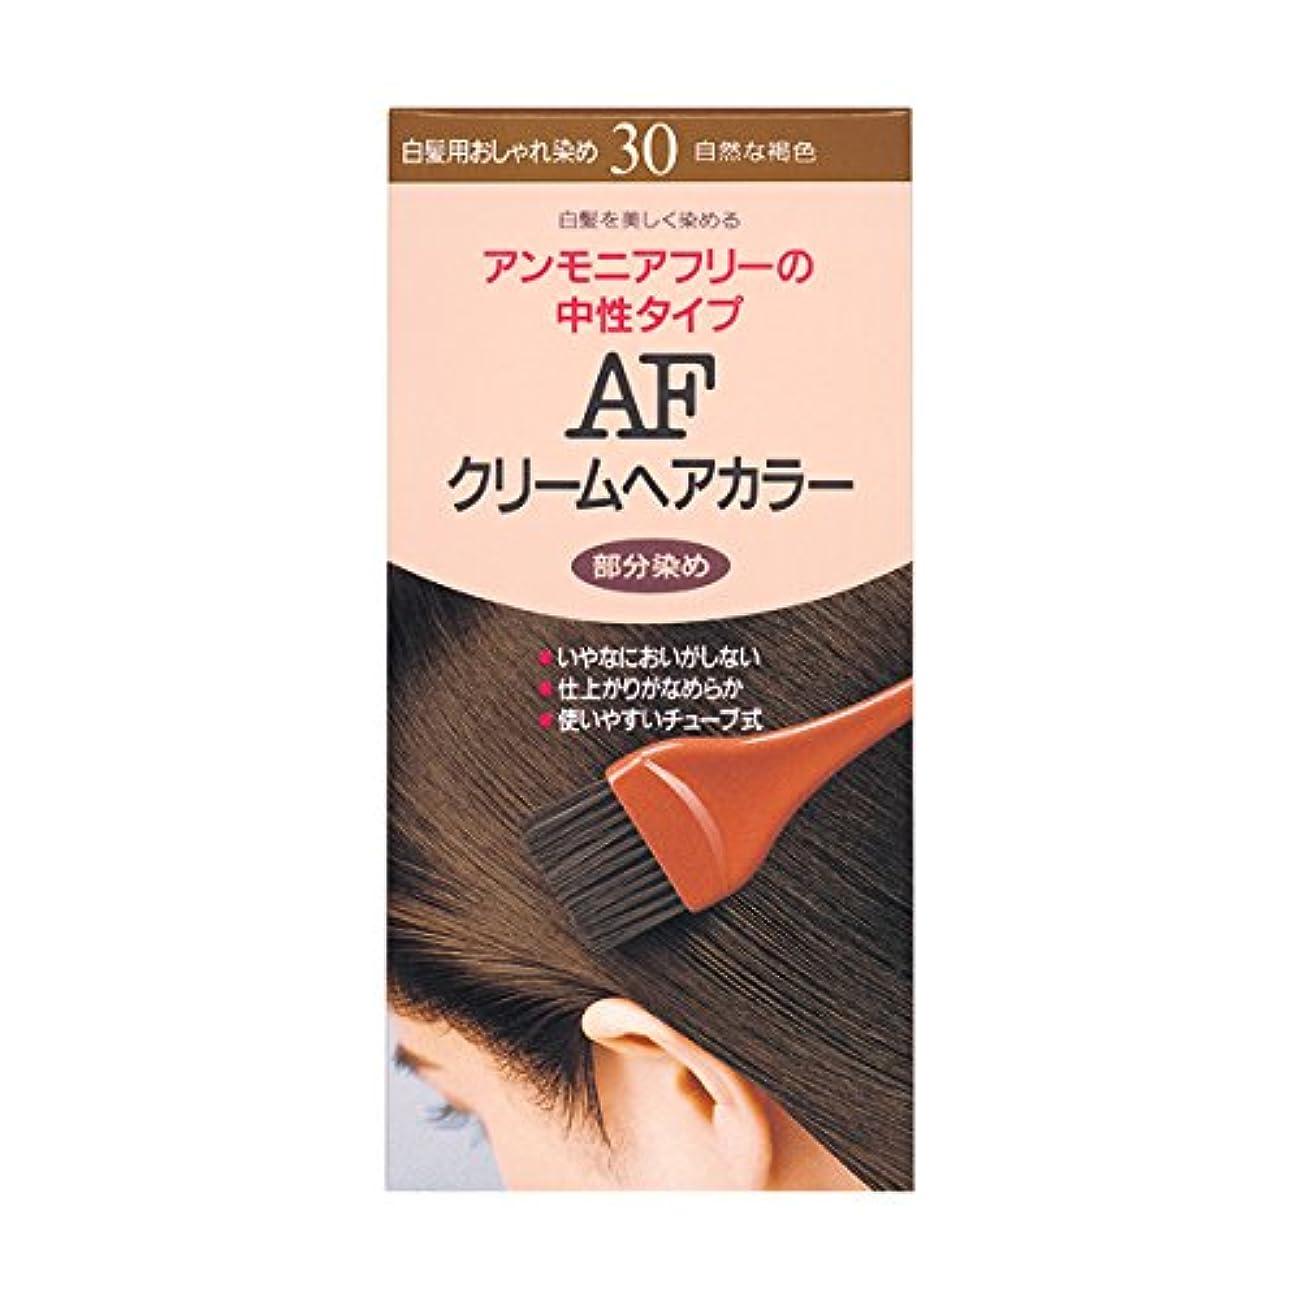 肉腫十分ではない受けるヘアカラー AFクリームヘアカラー 30 【医薬部外品】